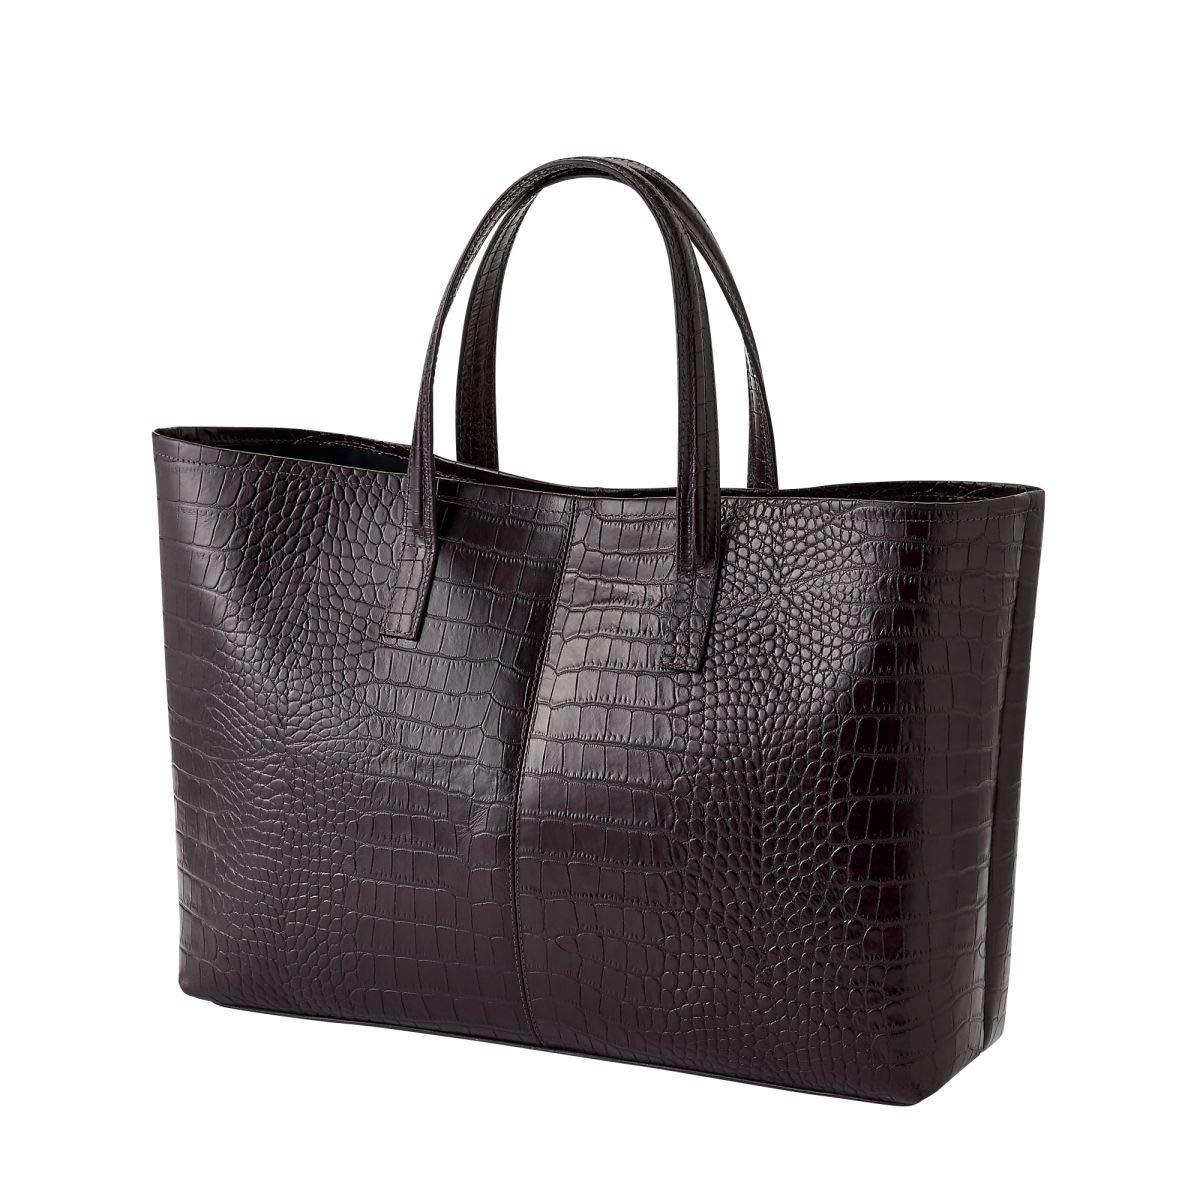 [オジエ] ozie【バッグ鞄かばん】メンズトートバッグビジネスバッグレザーバッグクロコダイル型押し牛革 ブラウン   B07RBVSV99